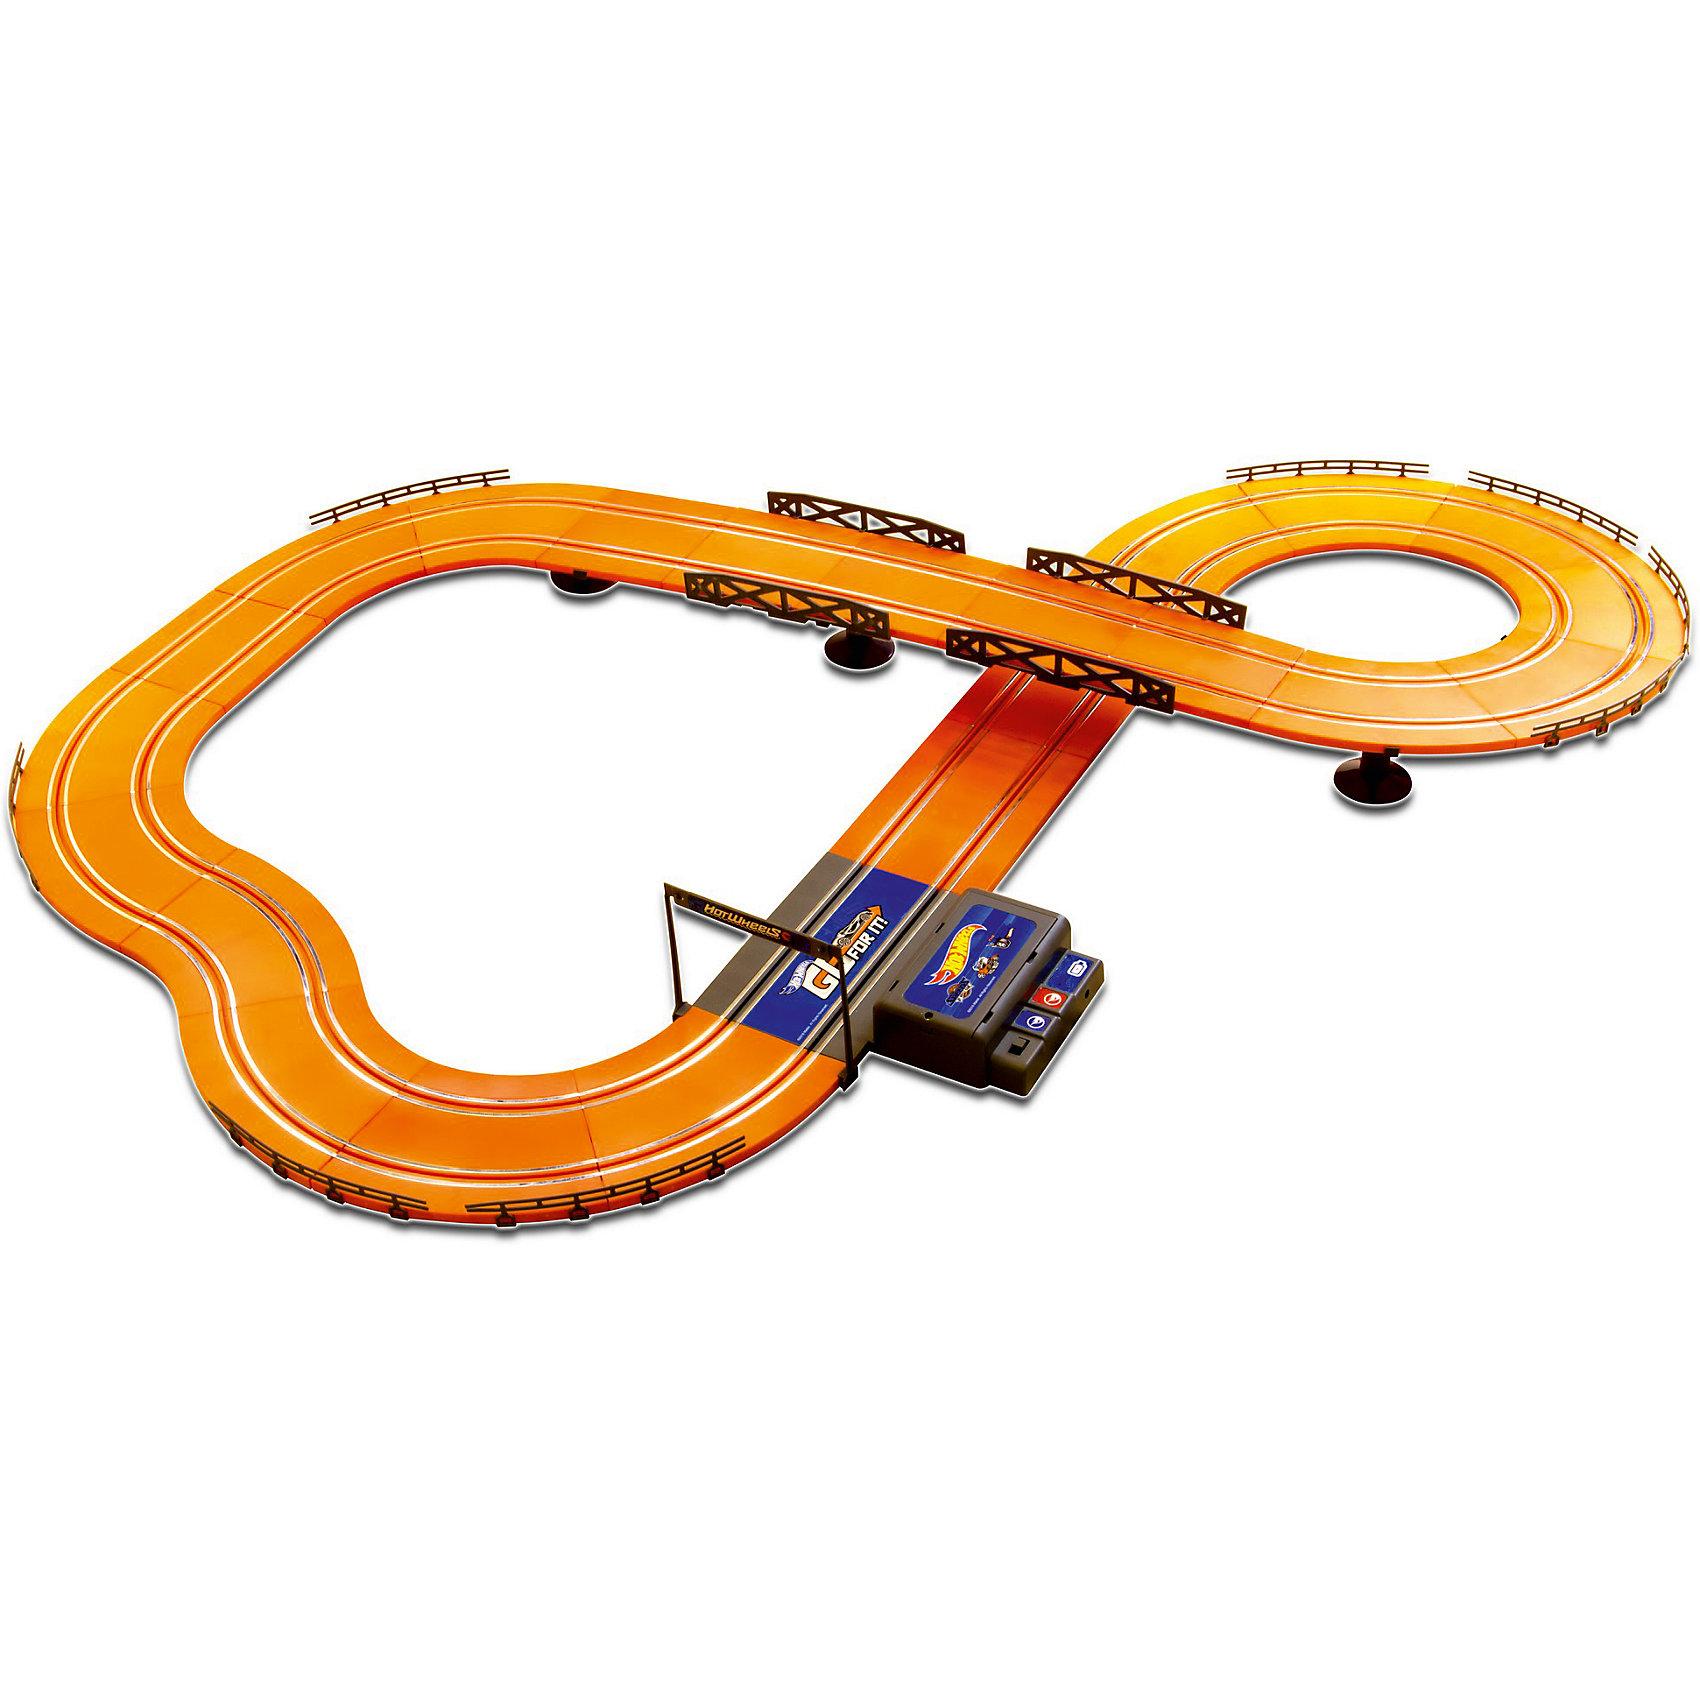 Гоночный трек Hot Wheels 380 см, на батарейках, KidzTechГоночный трек Hot Wheels 380 см, на батарейках, KidzTech (КидзТех).<br><br>Характеристики:<br><br>- В комплекте: 2 машинки со светящимися фарами, детали трека (53 шт.), 2 проводных пульта управления с функцией ускорения<br>- Уровень сложности: для начинающих<br>- Батарейки: 6 x АА (не входят в комплект)<br>- Длина трека: 380 см.<br>- Материал: пластик, металл<br><br>Гоночный трек Hot Wheels от KidzTech (КидзТех) является начальным уровнем, предназначенным для тех, кто только начал увлекаться гонками. Трек представляет собой замкнутую двухуровневую автостраду. Трасса состоит из нескольких крутых поворотов, моста и длинного прямого участка. В набор включены два проводных пульта управления и две машинки. Пульты оснащены специальной кнопкой, которая позволит машинкам ускоряться. Во время движения у автомобилей светятся фары.<br><br>Гоночный трек Hot Wheels 380 см, на батарейках, KidzTech (КидзТех) можно купить в нашем интернет-магазине.<br><br>Ширина мм: 72<br>Глубина мм: 623<br>Высота мм: 389<br>Вес г: 2330<br>Возраст от месяцев: 72<br>Возраст до месяцев: 2147483647<br>Пол: Мужской<br>Возраст: Детский<br>SKU: 5237835